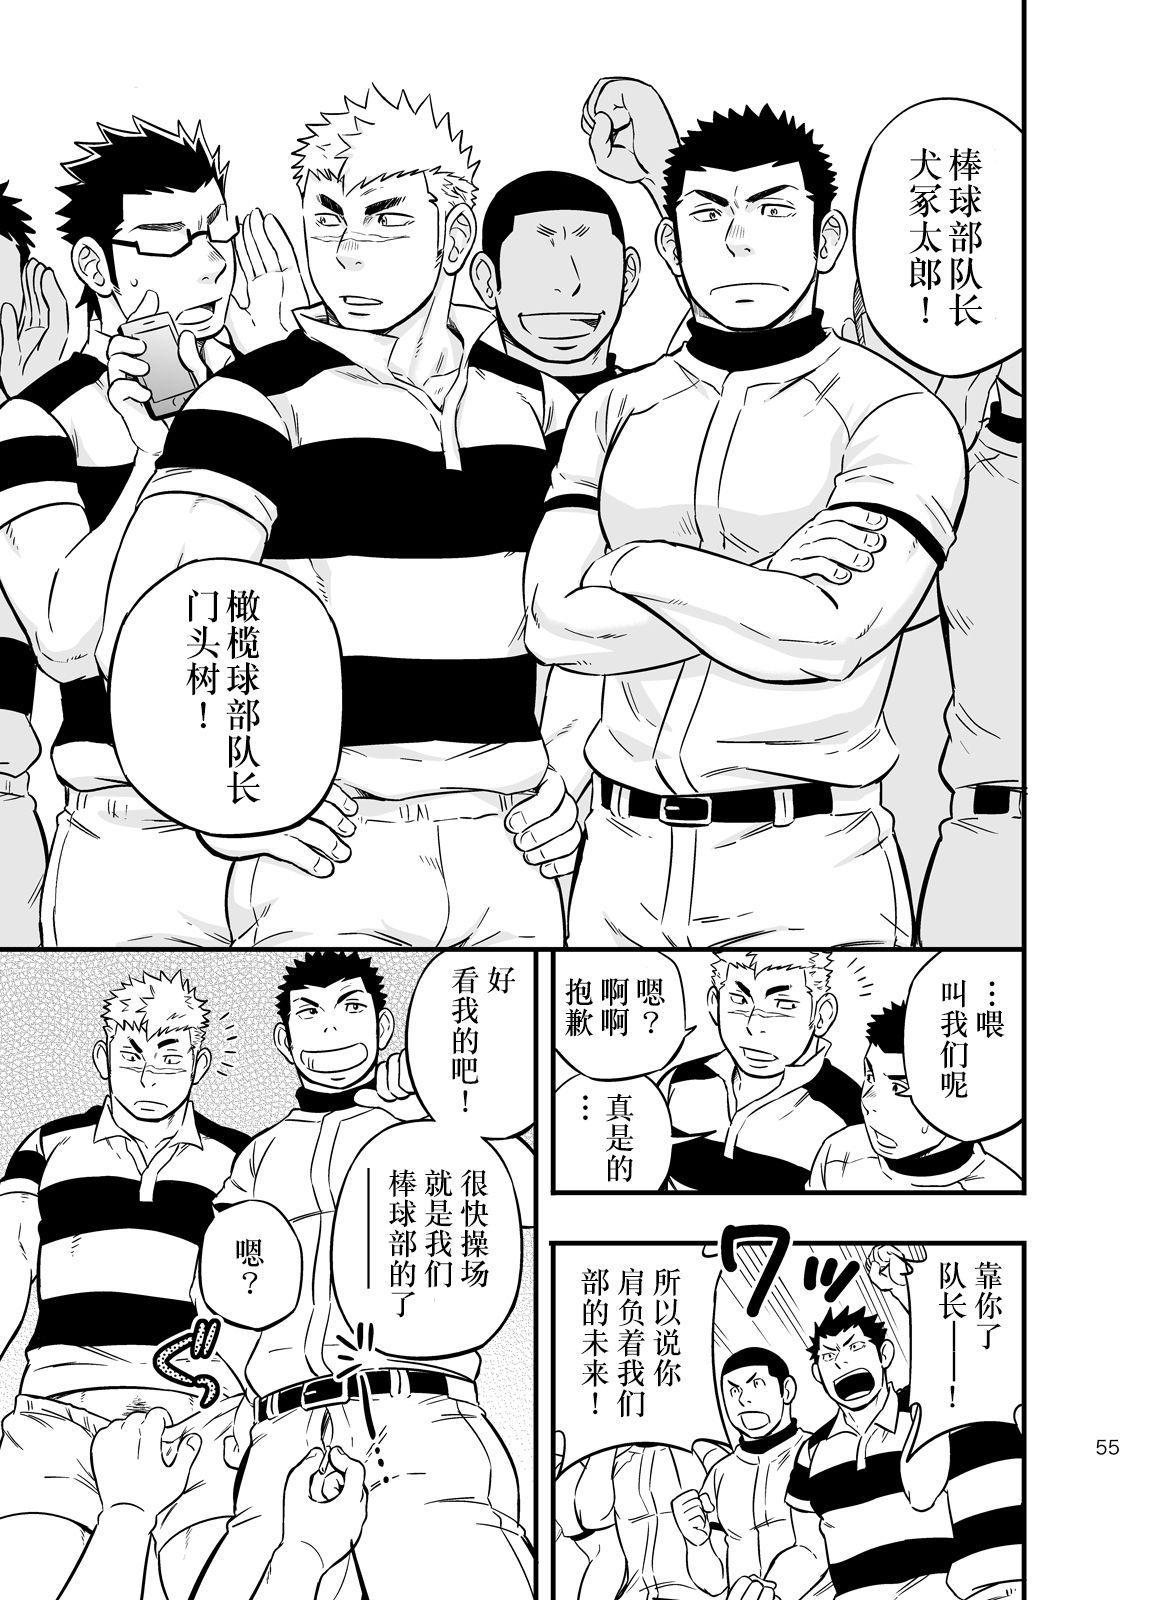 Moshimo Danshikou no Hoken Taiiku ga Jitsugi Ari Dattara 2 | 如果男校的保健体育课有实践环节的话 2 53